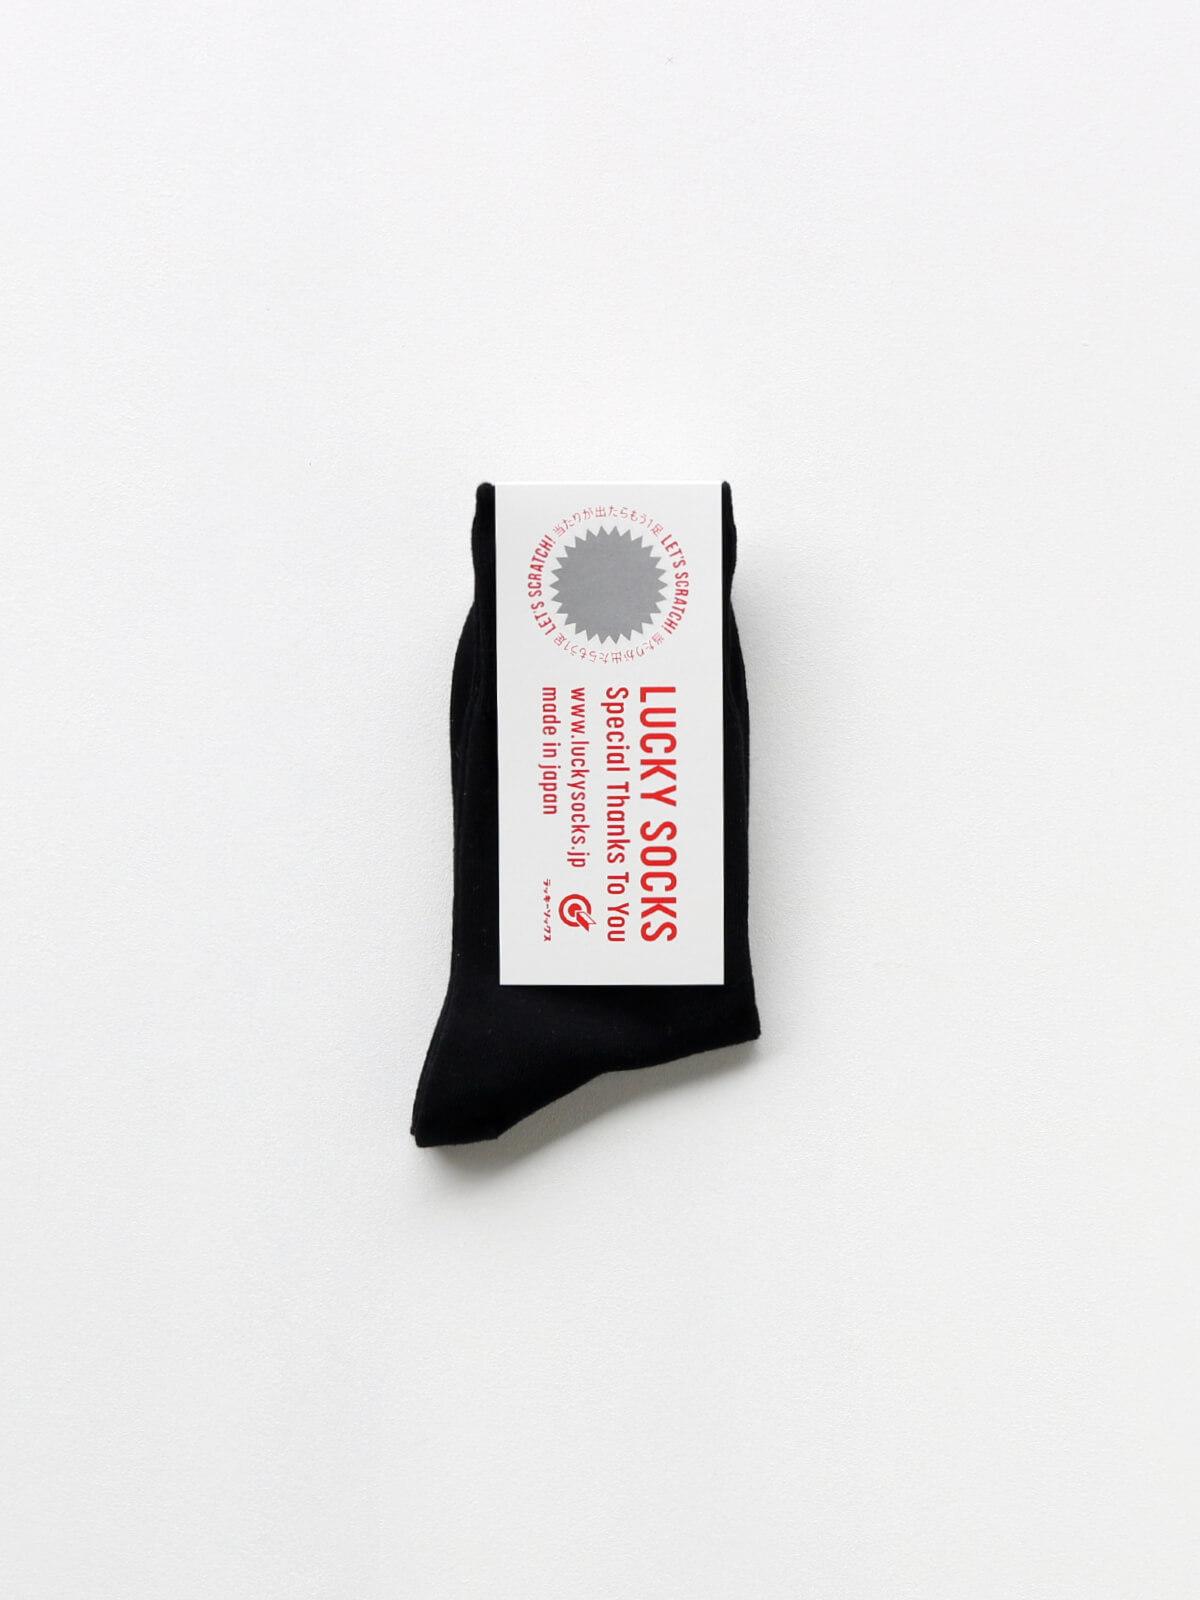 当たりつきギフト専用靴下のLUCKY SOCKS(ラッキーソックス)のLight Ankle Socks(ライトアンクルソックス)のブラック_1